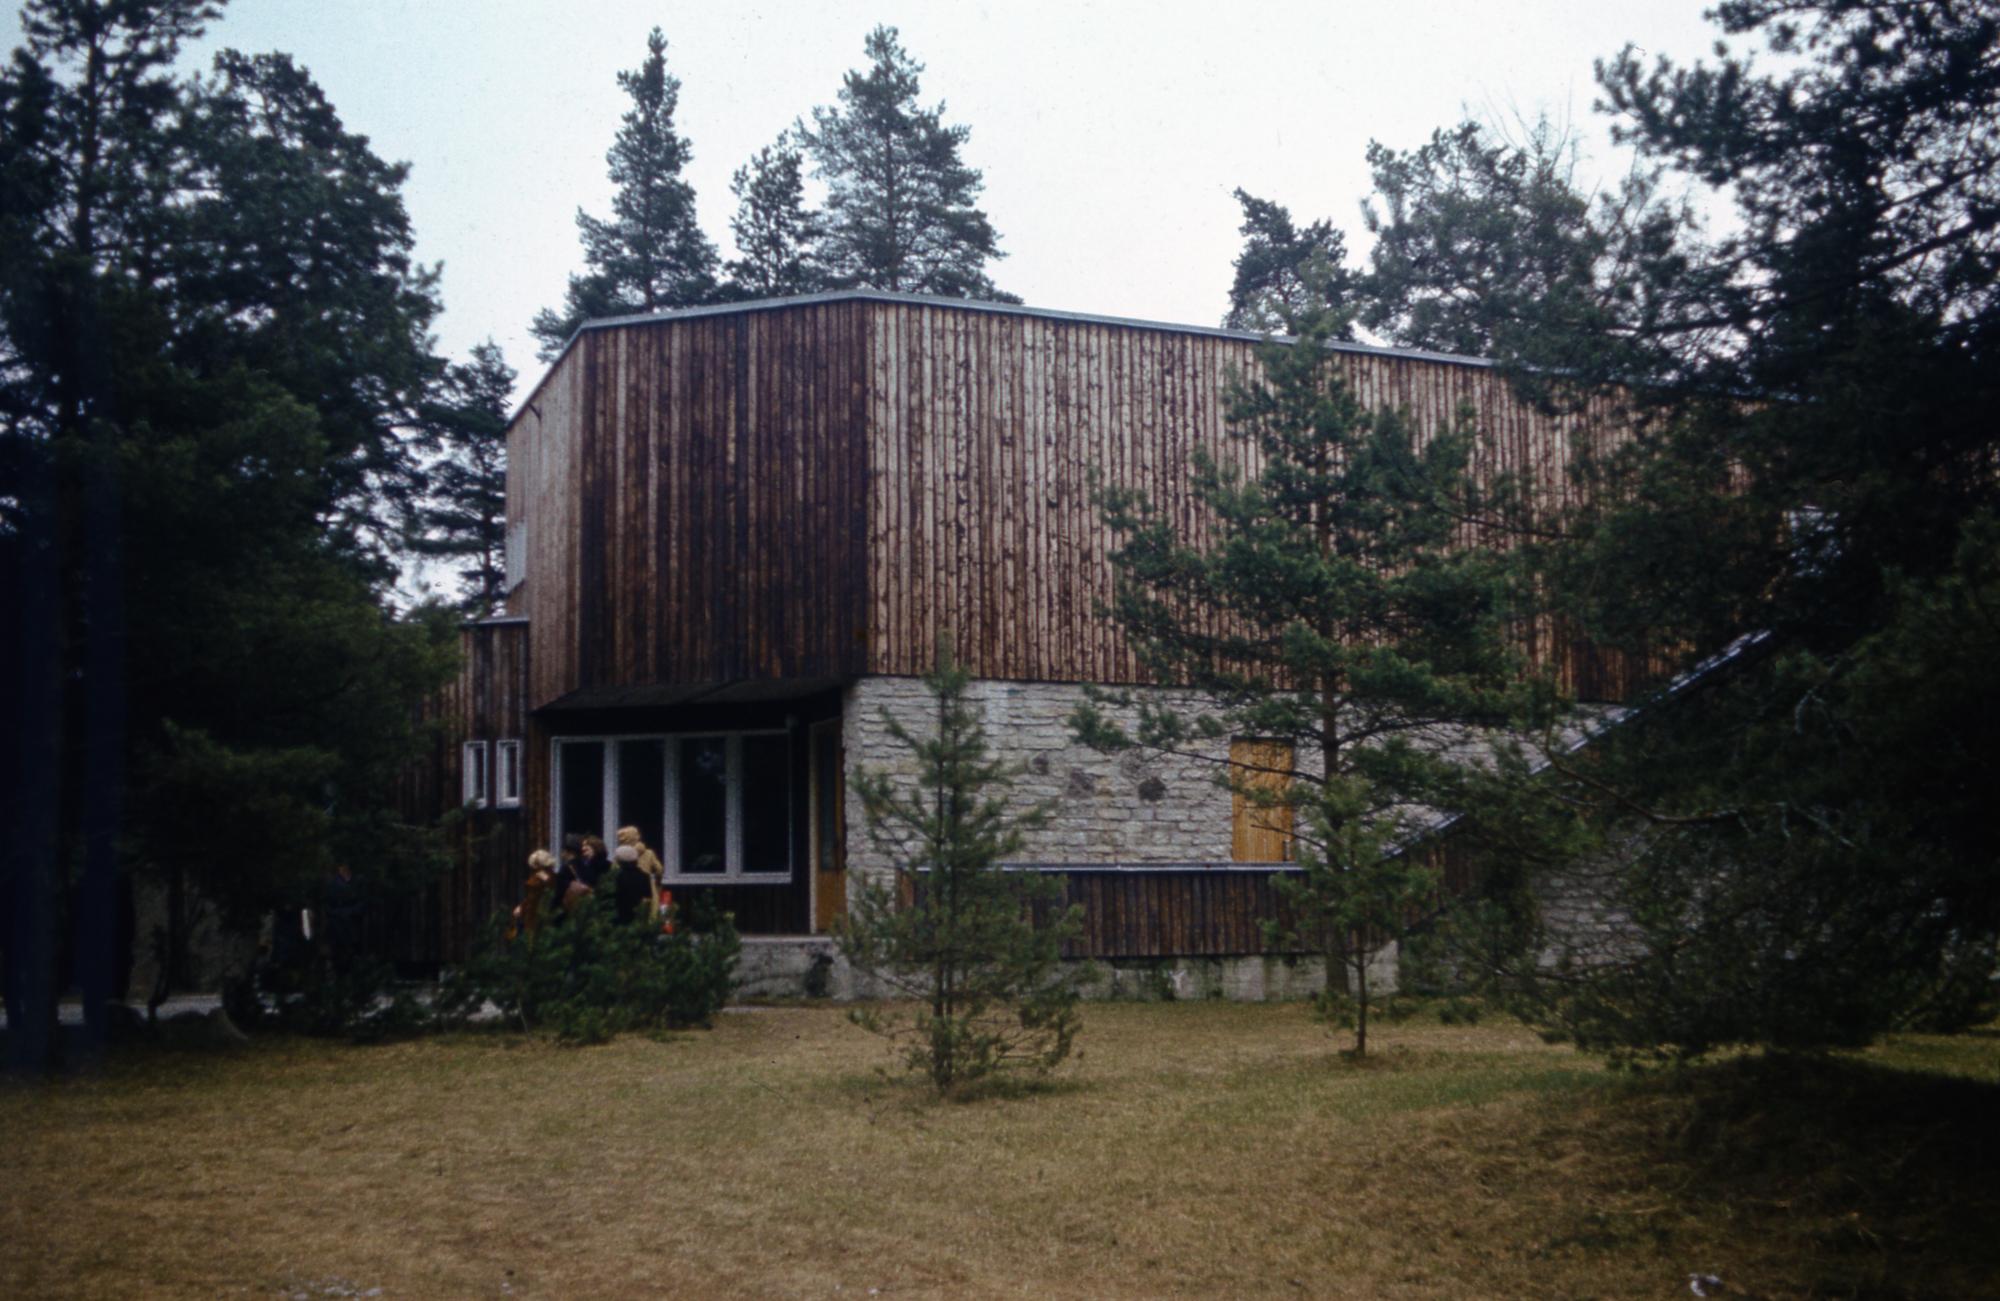 Põllumajanduse Ministeeriumi Ehitus-Montaaživalitsuse Tugamanni jahimaja Vääna jõe ääres. Arhitekt Henno Sepmann, 1970–1973. Foto: Enno Raag / Eesti Arhitektuurimuuseum